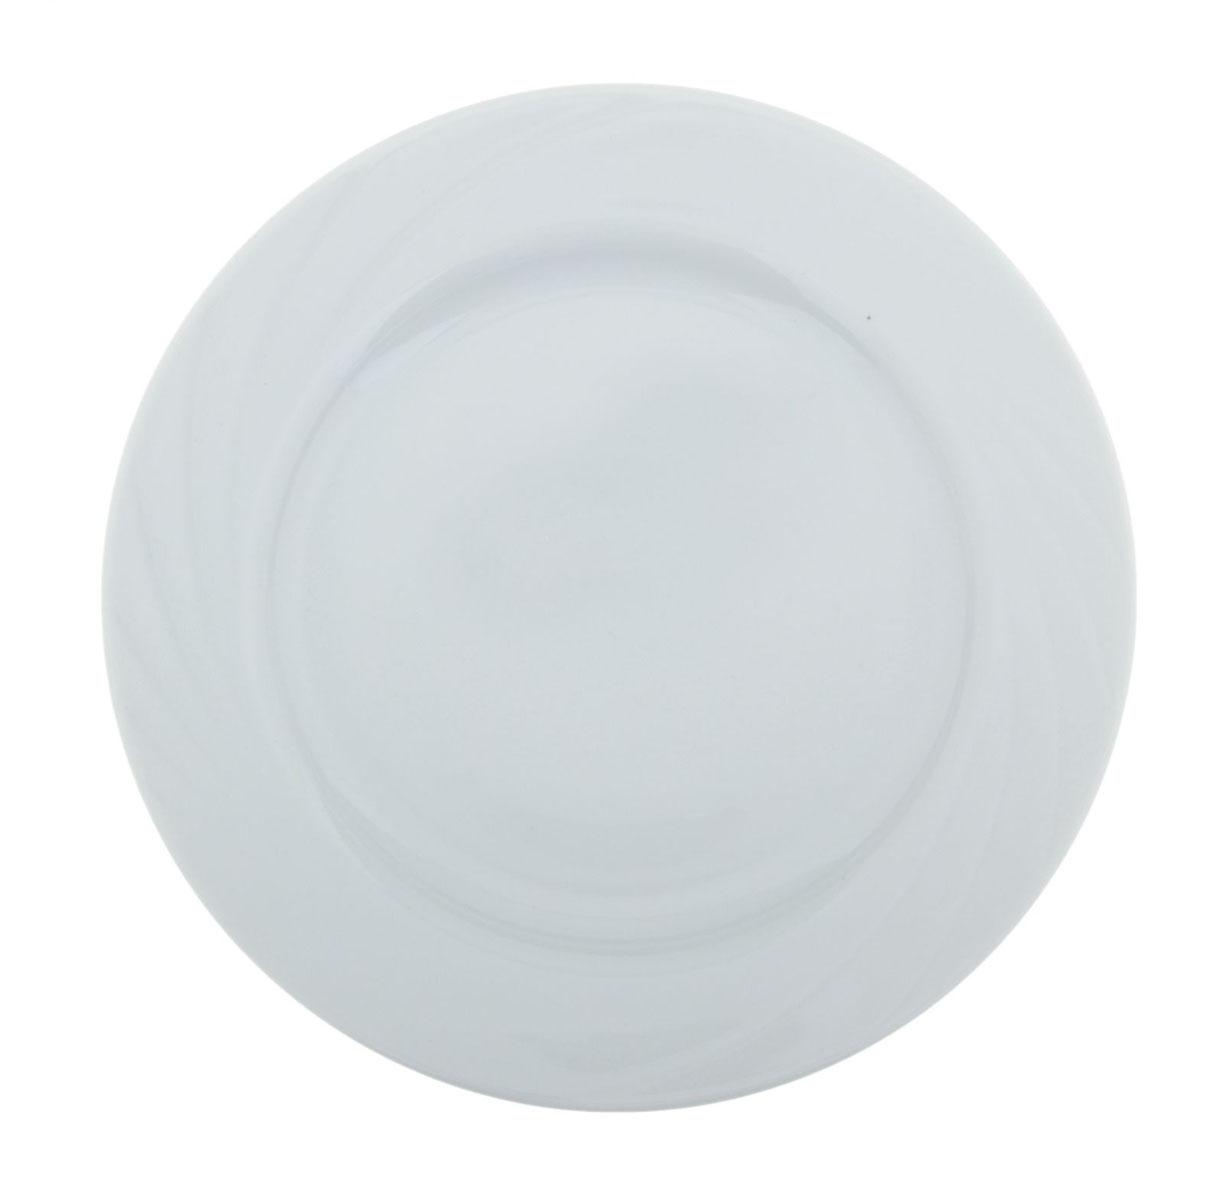 """Мелкая тарелка """"Голубка. Белье"""", выполненная из высококачественного фарфора, идеальна для сервировки стола первыми блюдами. Она прекрасно впишется в интерьер вашей кухни и станет достойным дополнением к кухонному инвентарю.  Тарелка """"Голубка. Белье"""" подчеркнет прекрасный вкус хозяйки и станет отличным подарком.   Диаметр тарелки: 20 см."""